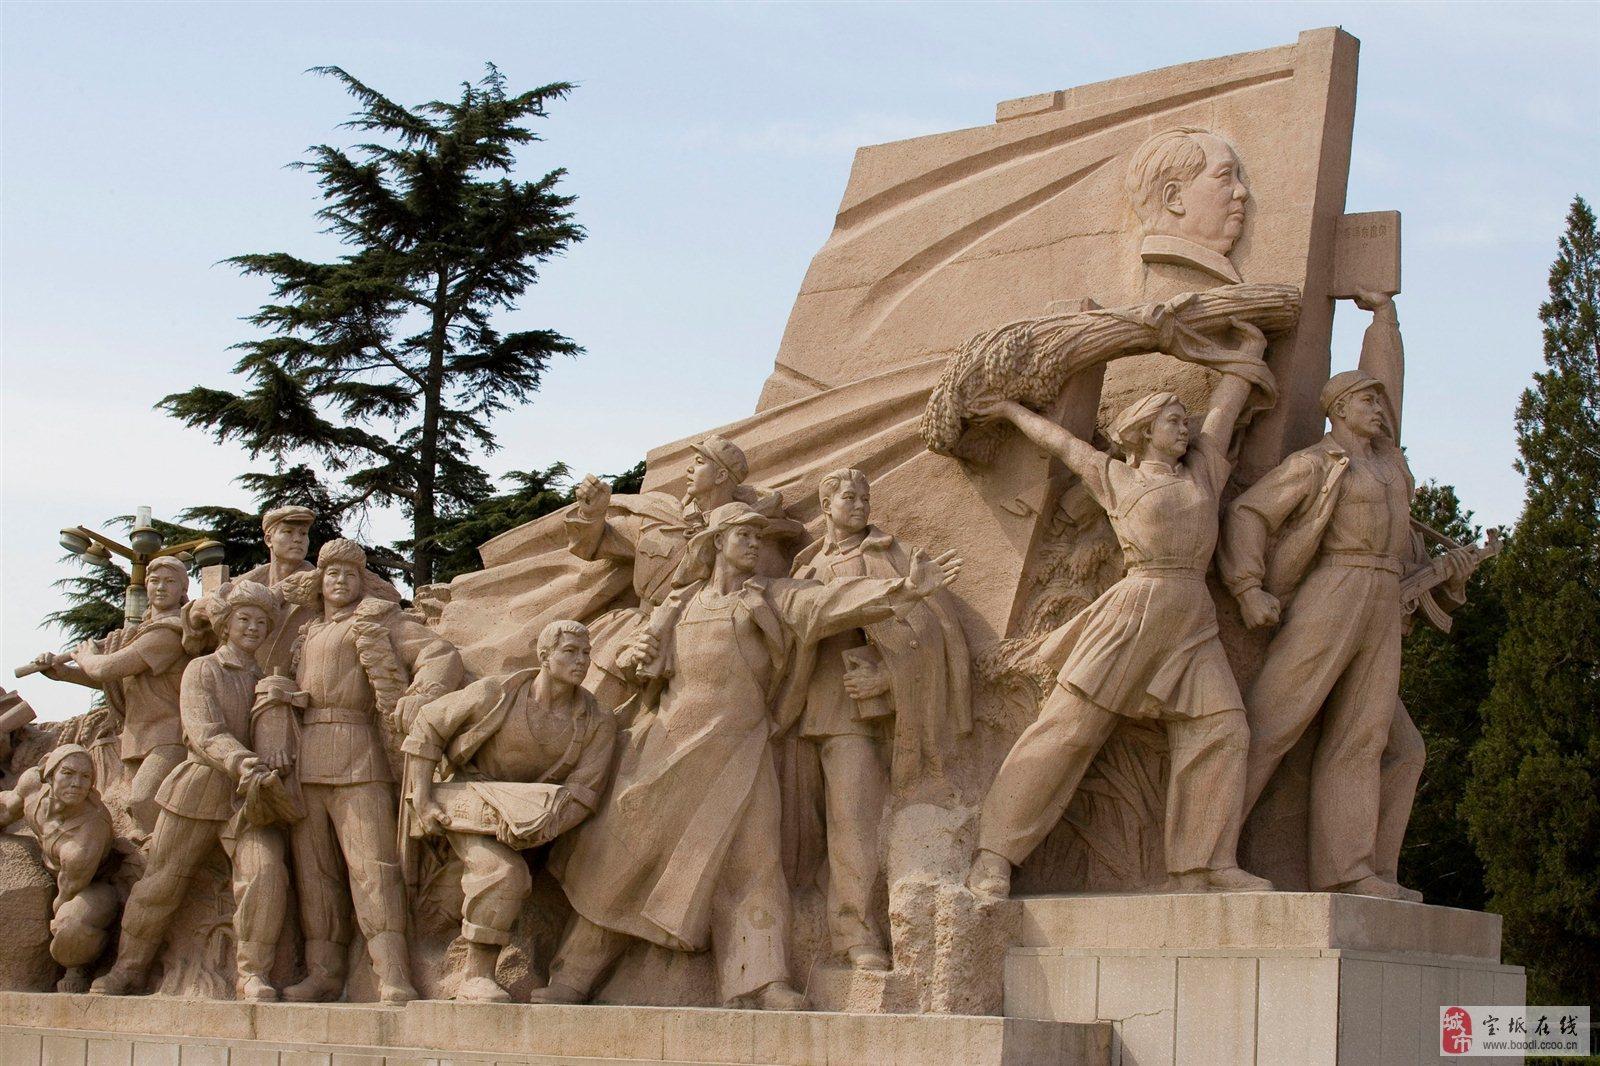 武宏是我爷爷的战友,也是唯一健在的战友。 武宏1923年生,陕西咸阳人,1937年1月参加中国工农红军,1938年加入中国共产党,曾任冀东军区班长、排长、连长、营长、支队长、团长。1944年8月1日冀东部队十区队,三连连长武宏、指导员张志超带领下,包围攻打日伪白龙港据点,1945年2月25日发生的赵各庄战斗。宝坻县内广大群众冒着枪林弹雨为部队带路、送情报、抬担架、烧水做饭,极大地鼓舞了战士的士气,有力支援了战斗。1946年10月为了切断京、津、唐国民党军队的交通要道,消除其相互增援的机会,并为人